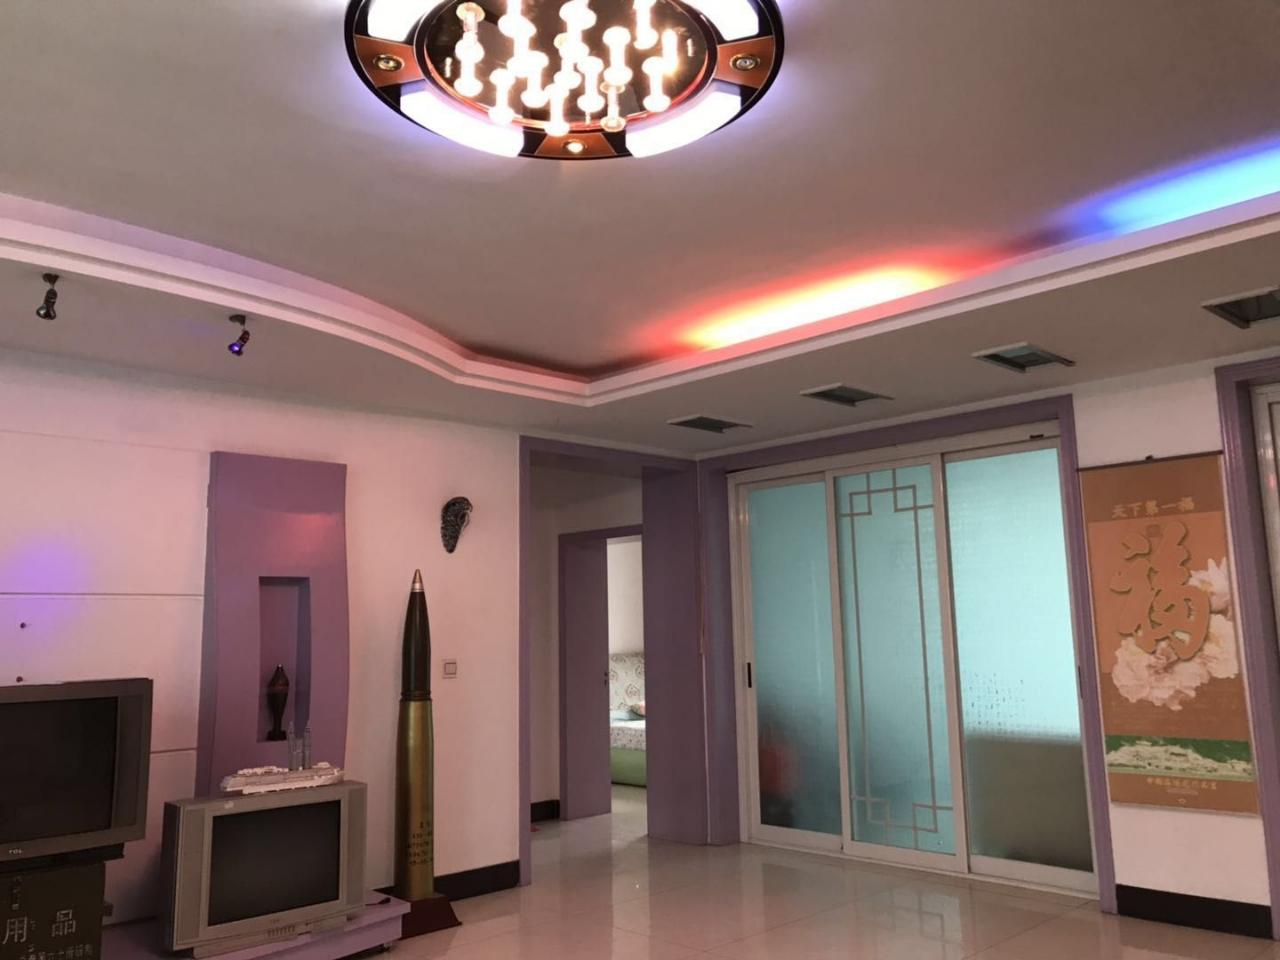 吉鹤苑4室 2厅 2卫58万元